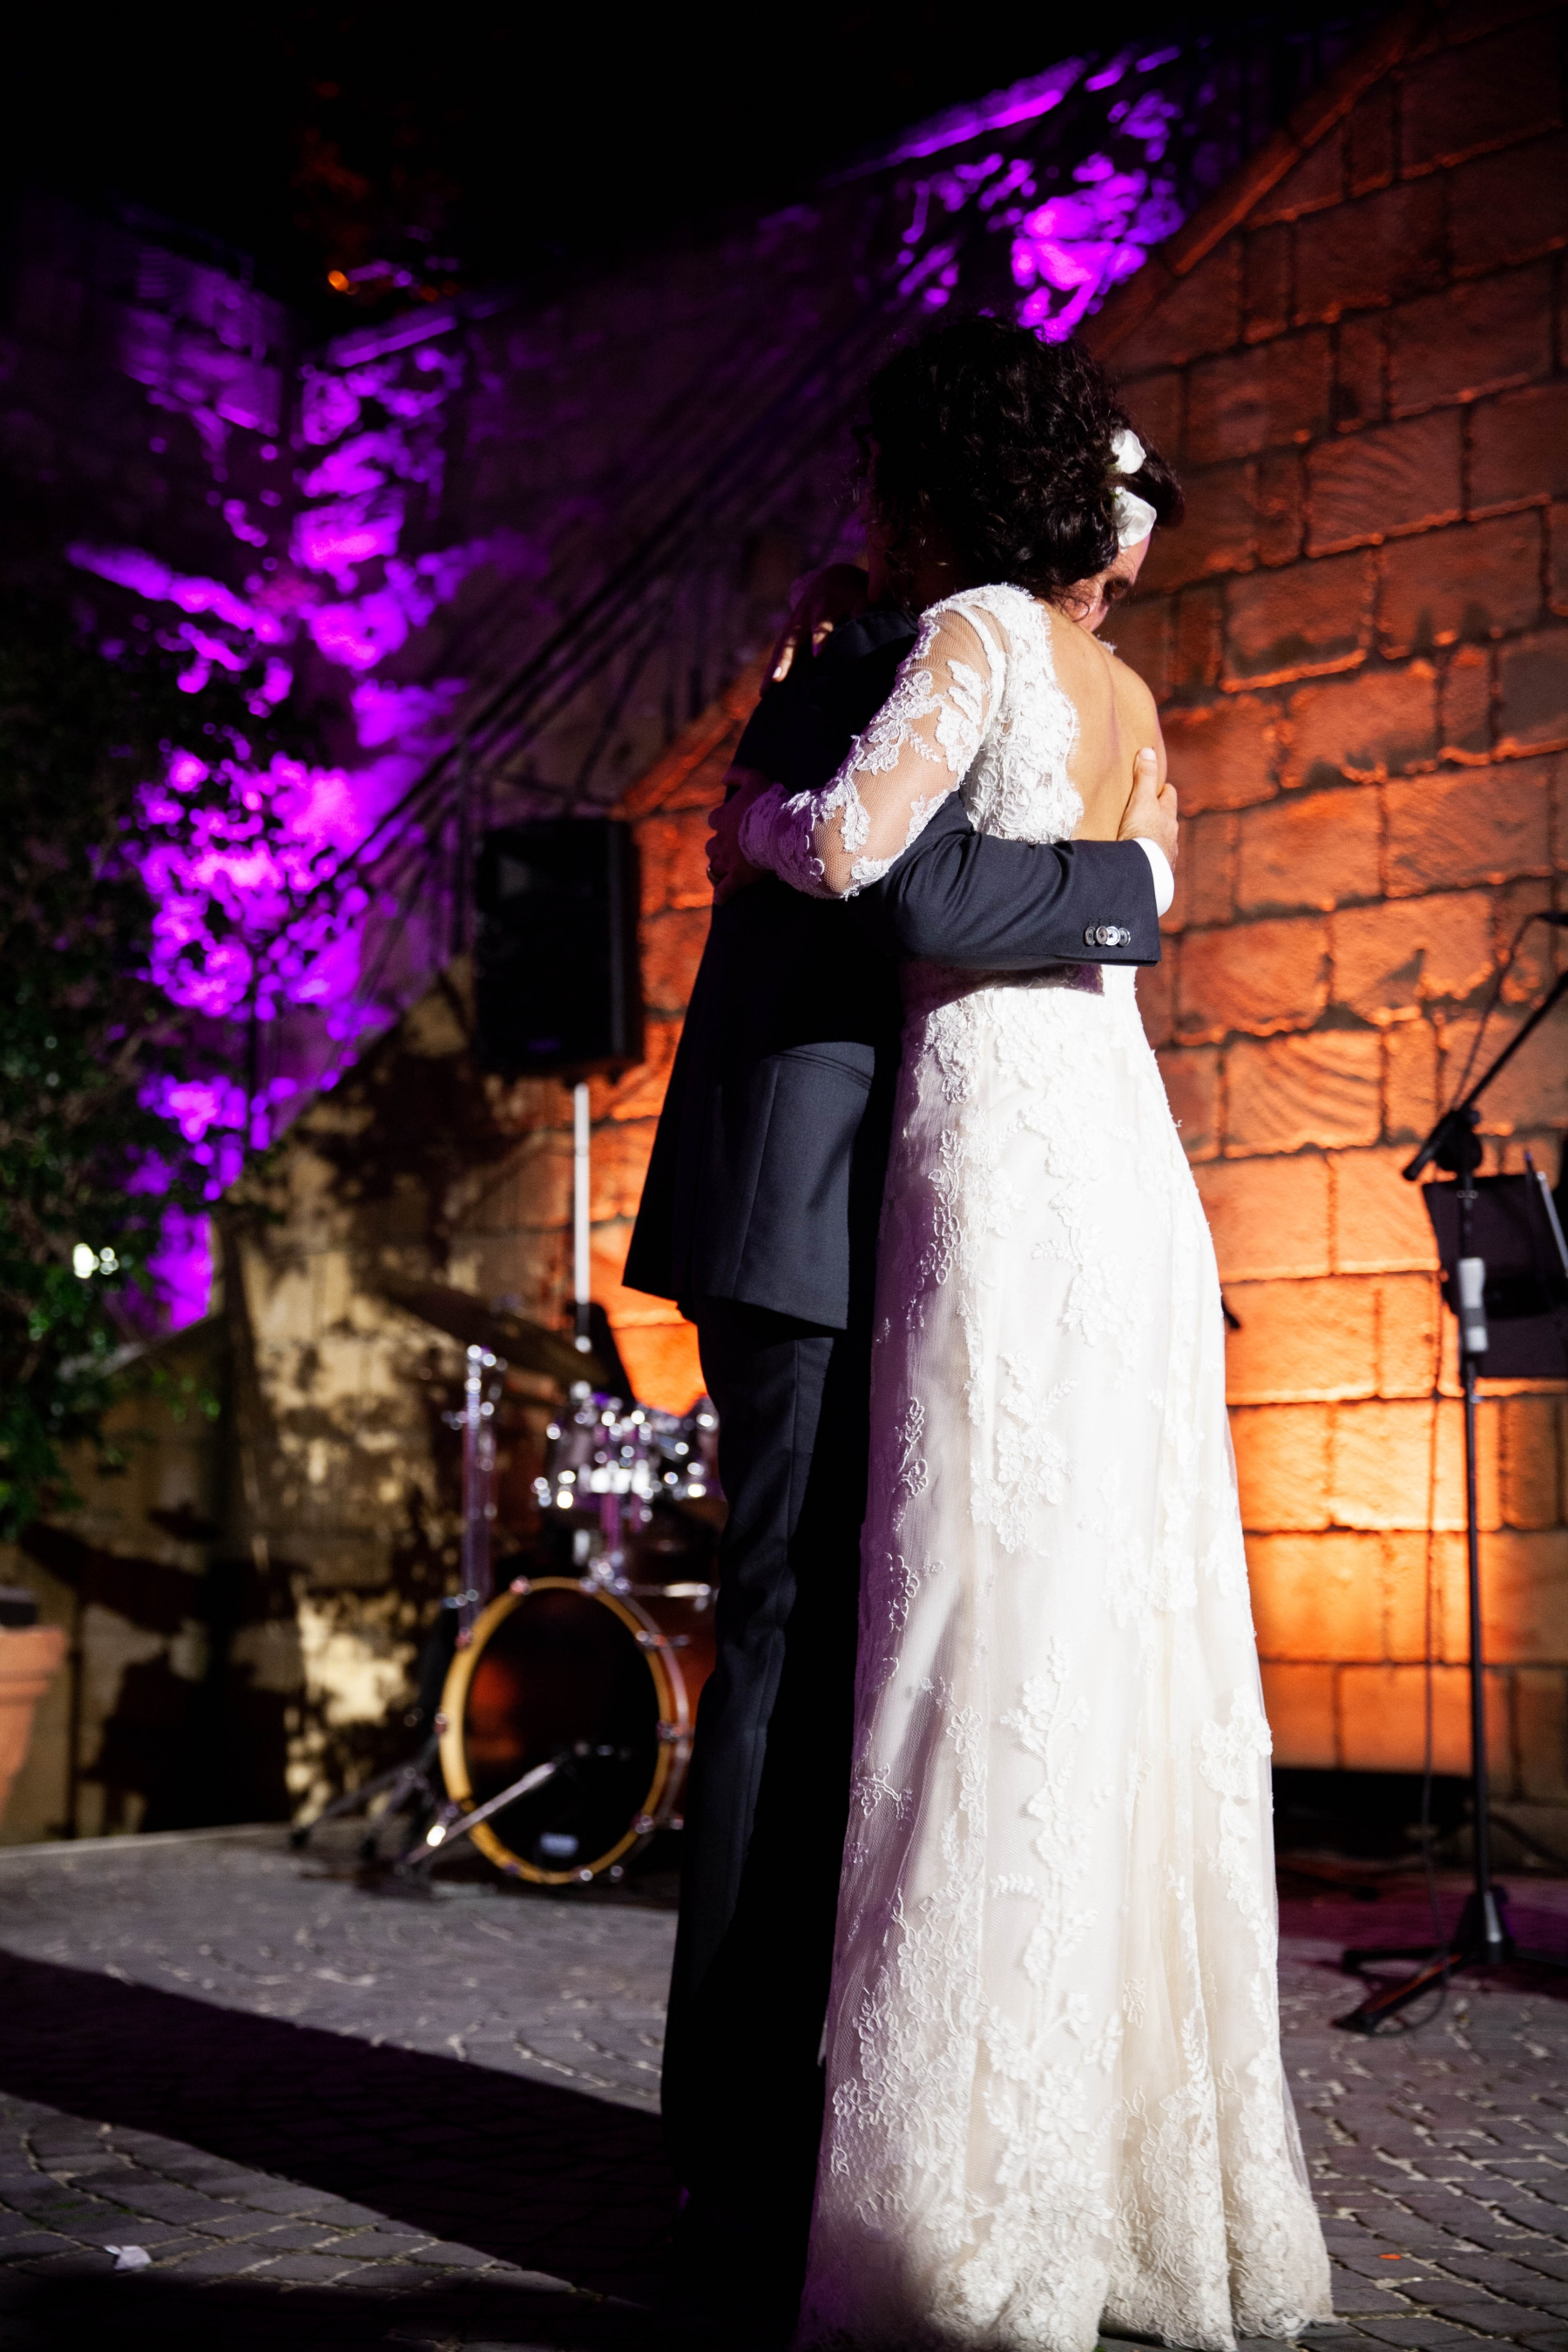 matrimonio_villaavellino_napoli_sudritorante_blineventi-21